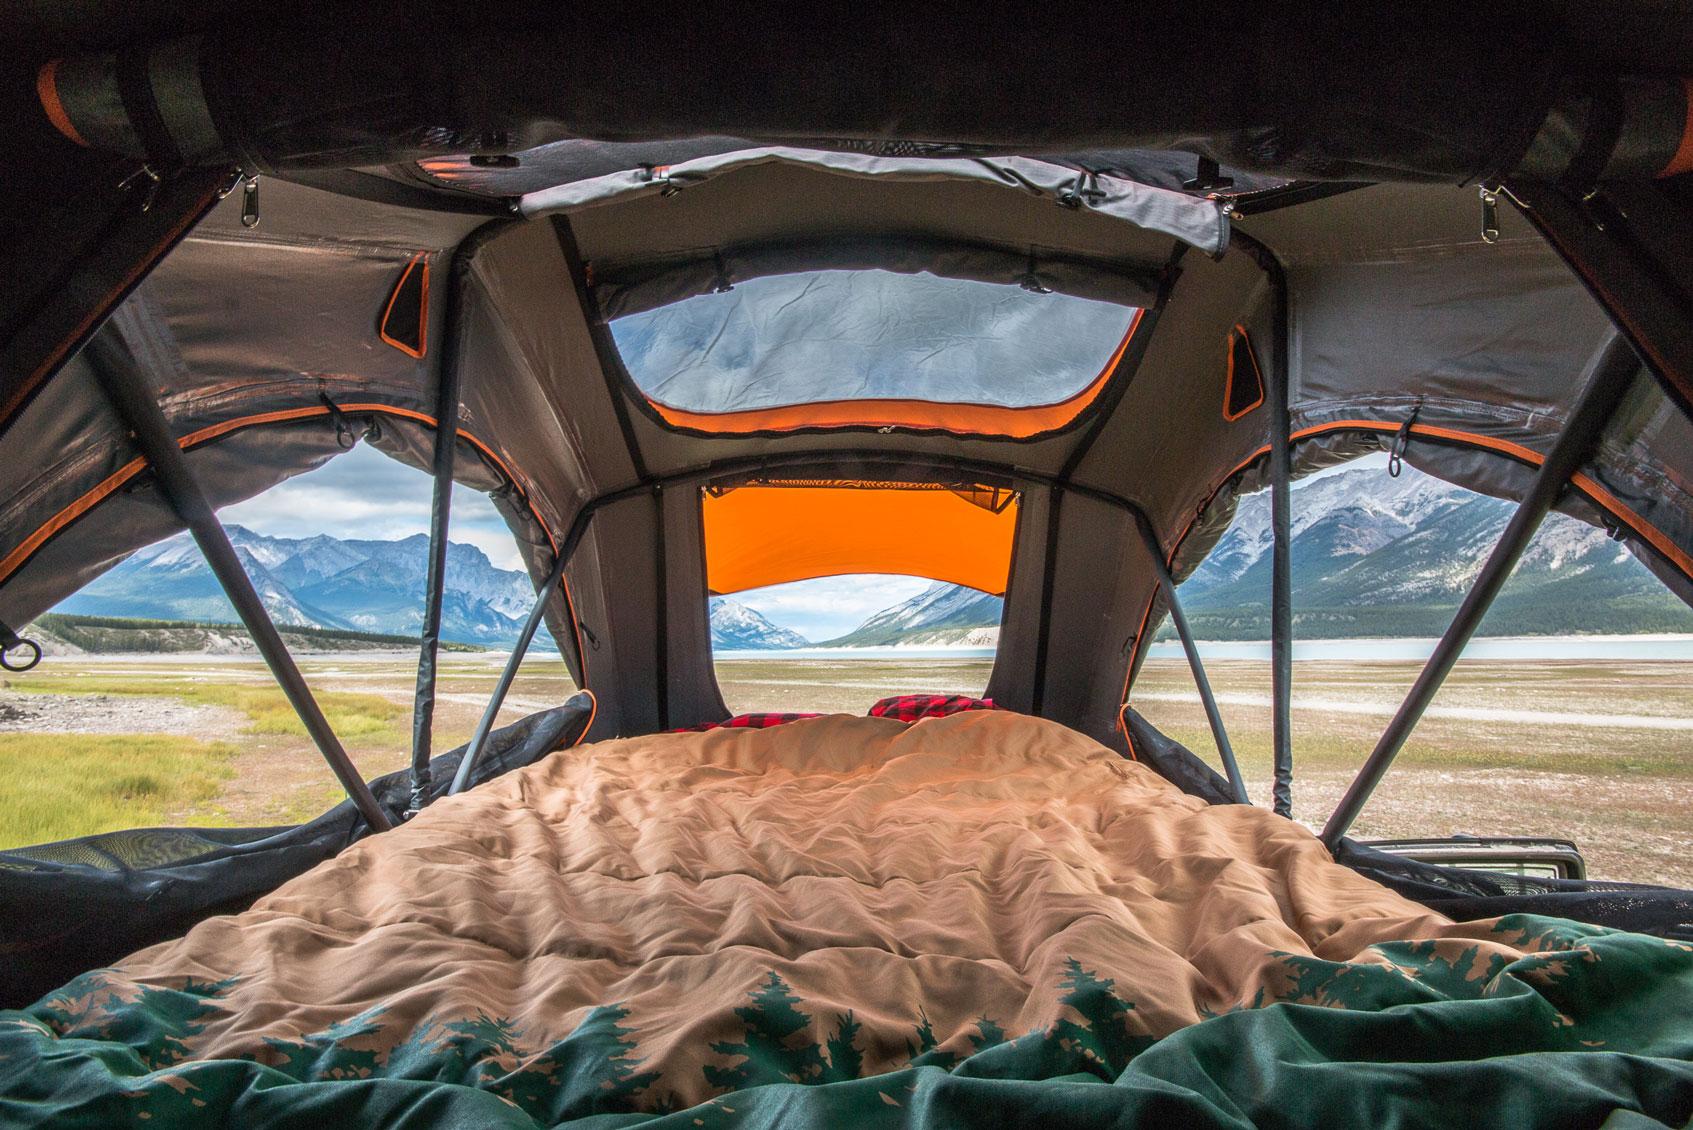 Treeline Outdoors Roof-Top Tent